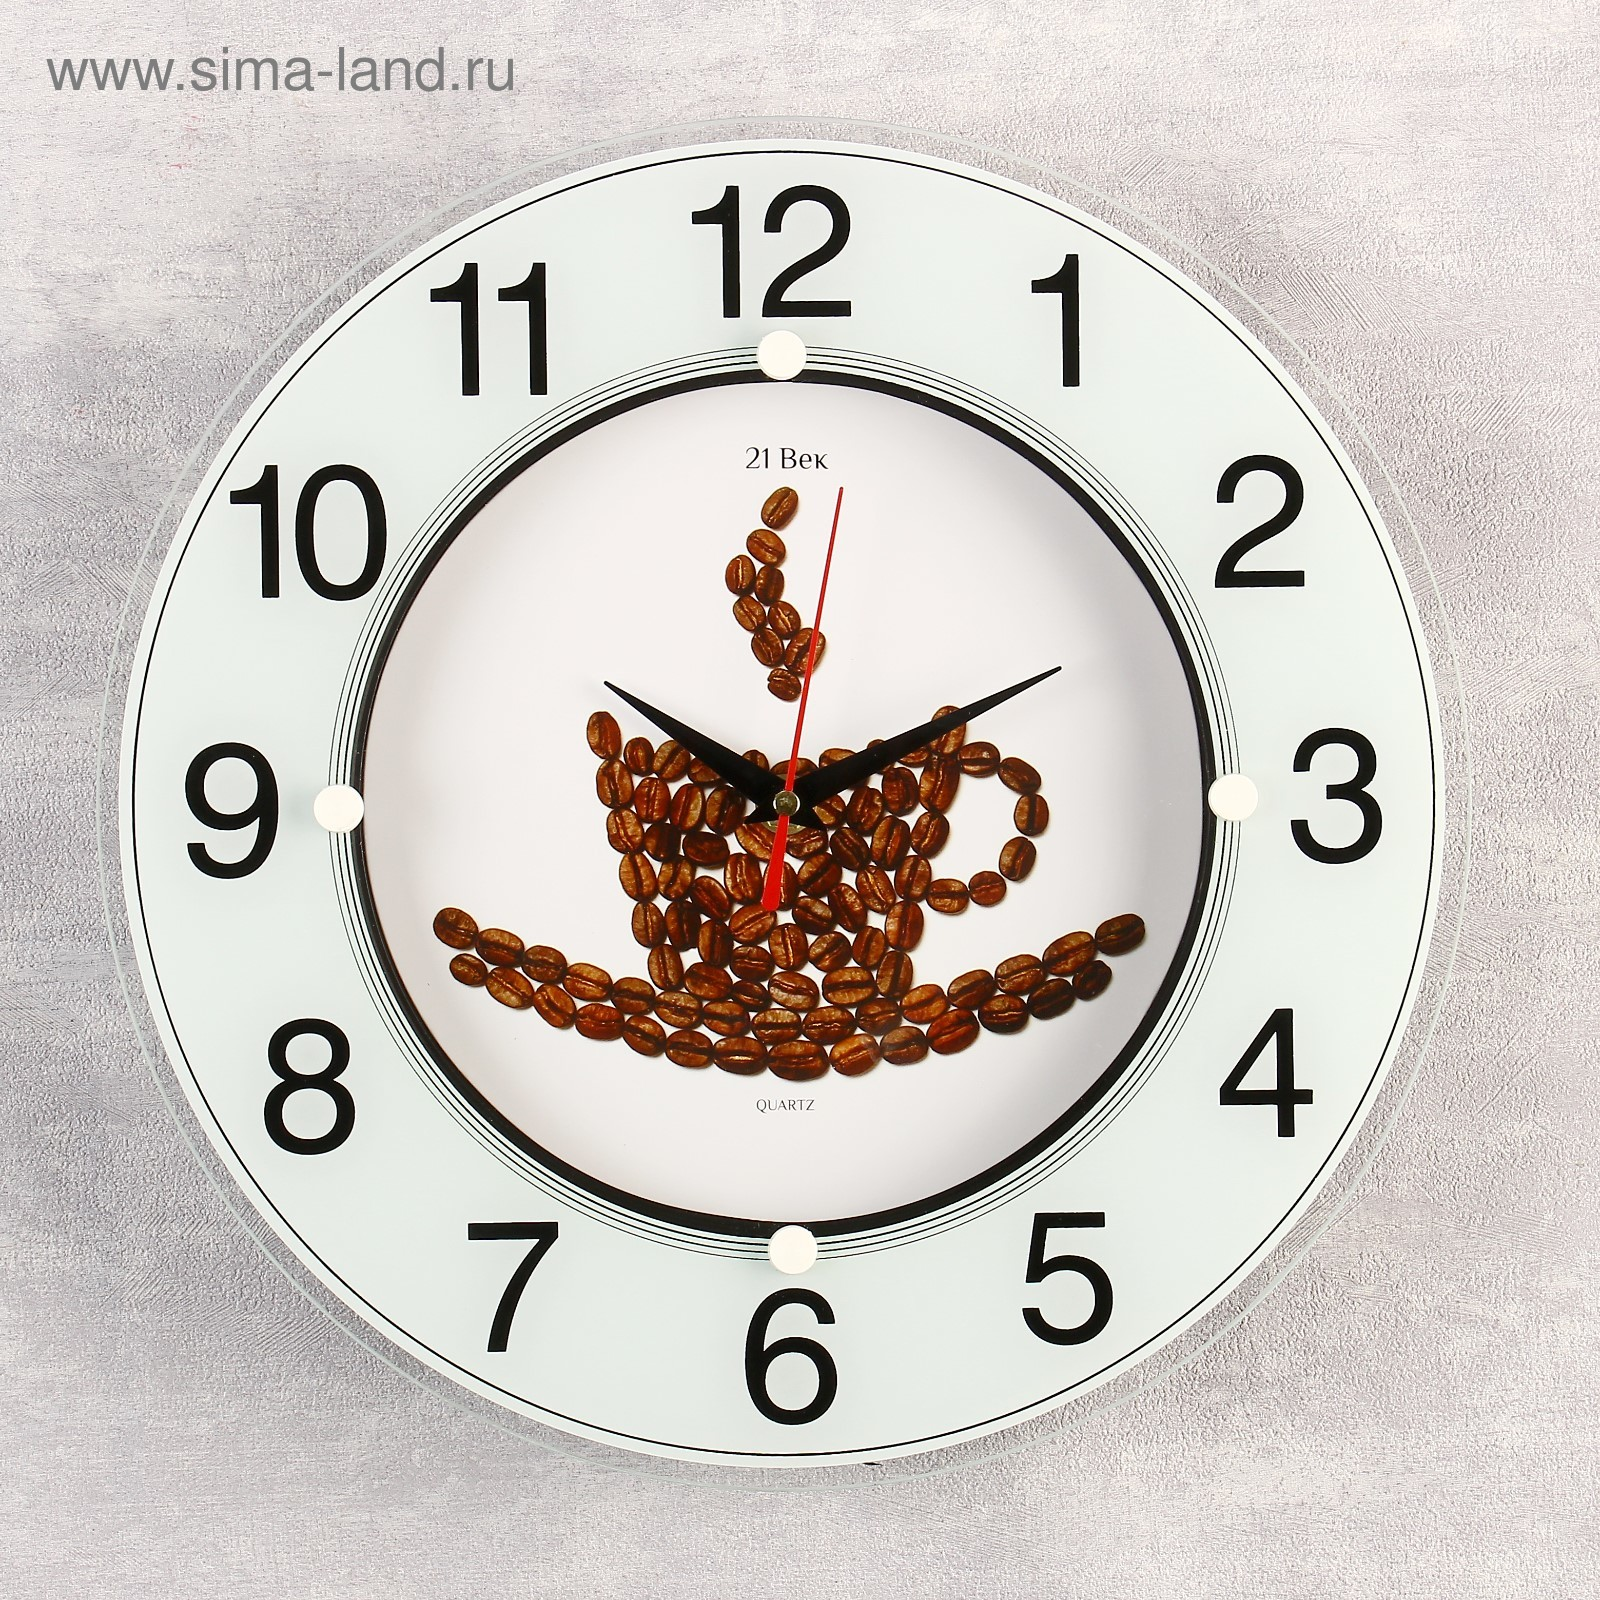 Часы с кофейной тематикой купить мужские часы vacheron constantin купить